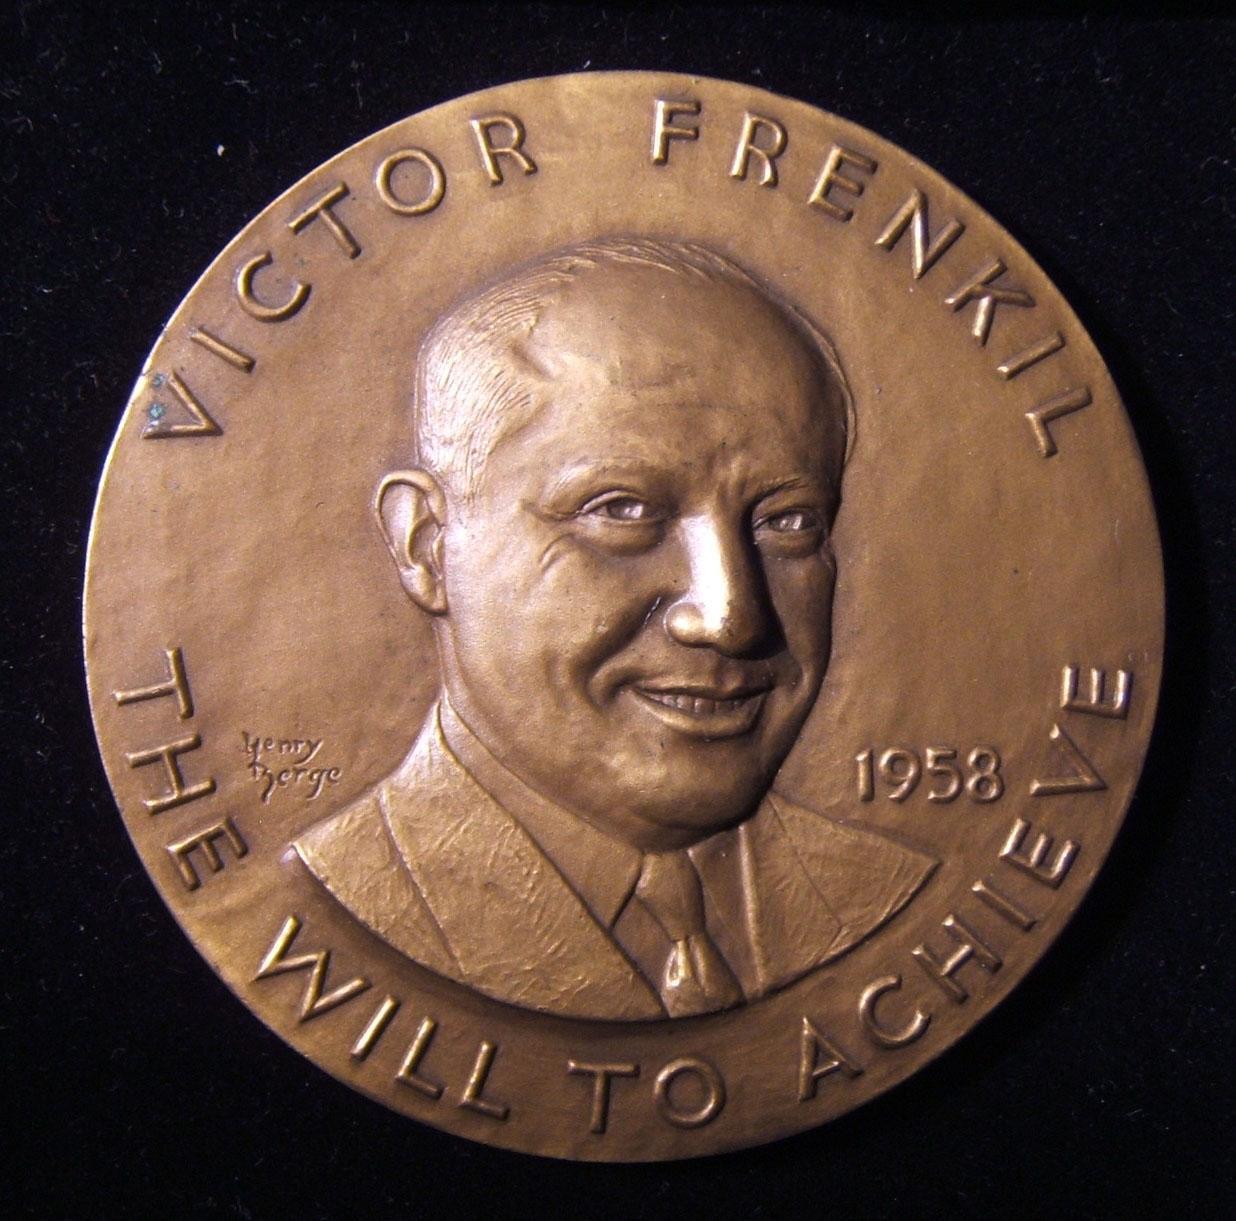 אמריקן ויקטור פרנקל 50 יום הולדת / אדמירל בן מורל מדליית יודאיקה, 1958